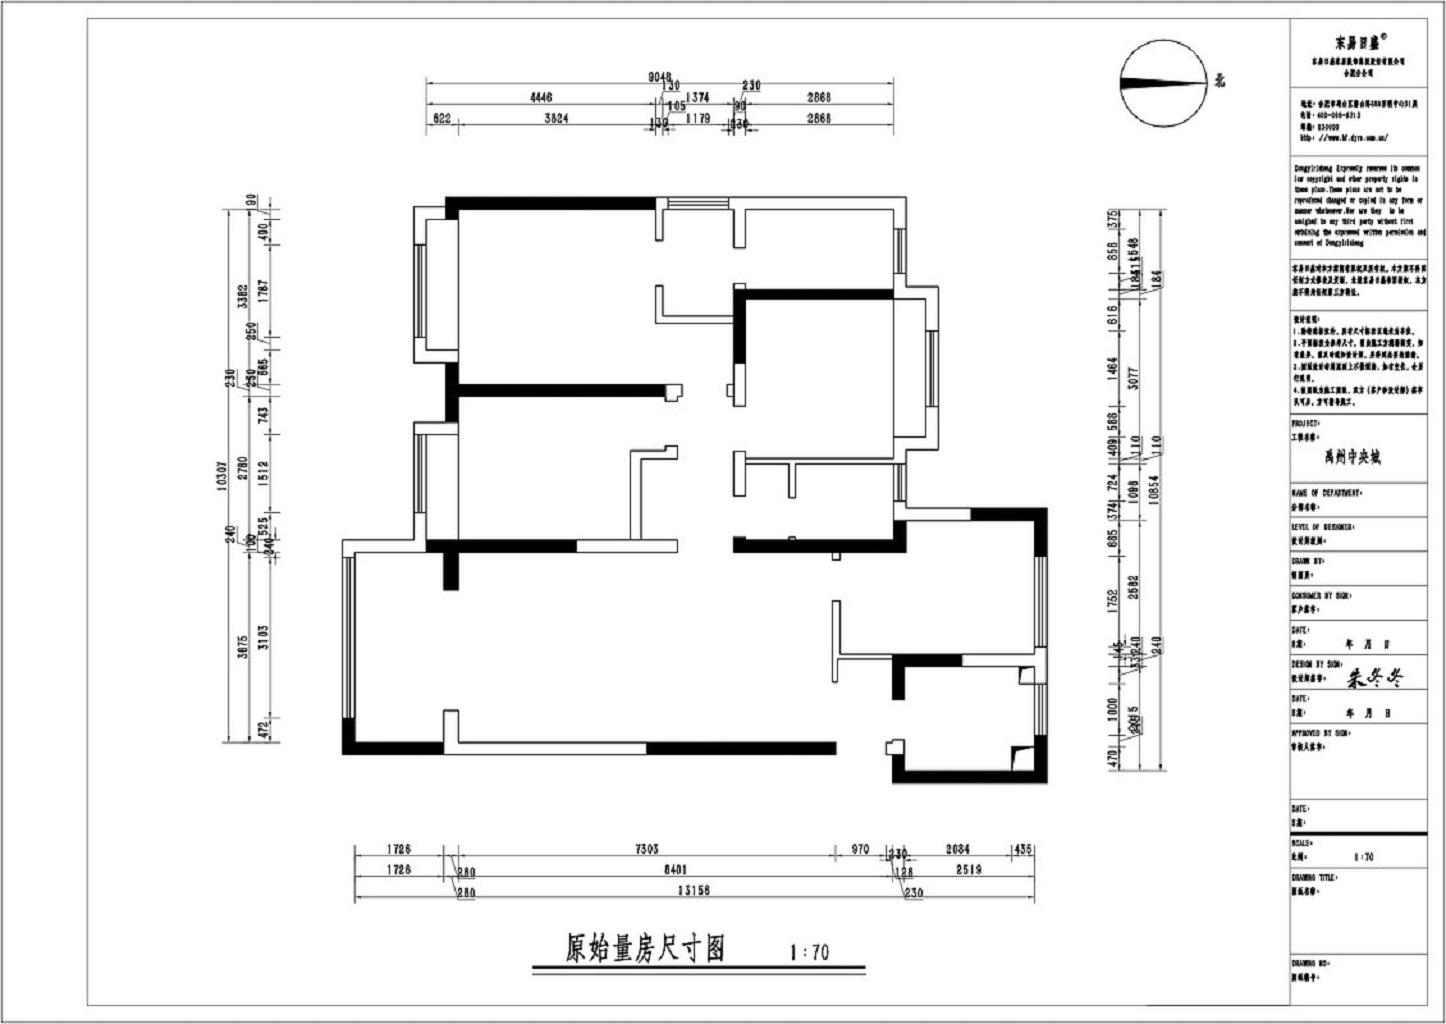 禹洲中央城-130平米-现代轻奢混搭风格-三居室装修案例效果图装修设计理念